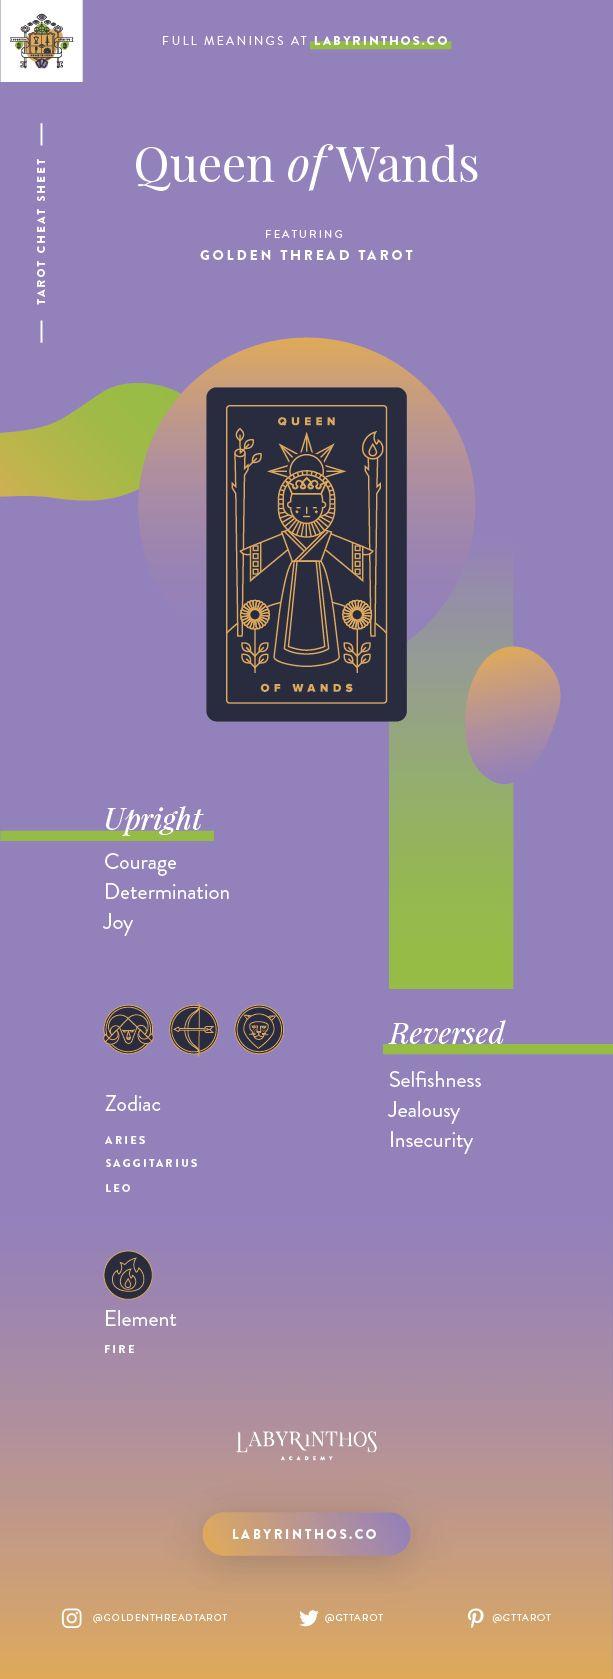 Queen of Wands Meaning - Tarot Card Meanings Cheat Sheet. Art from Golden Thread Tarot.